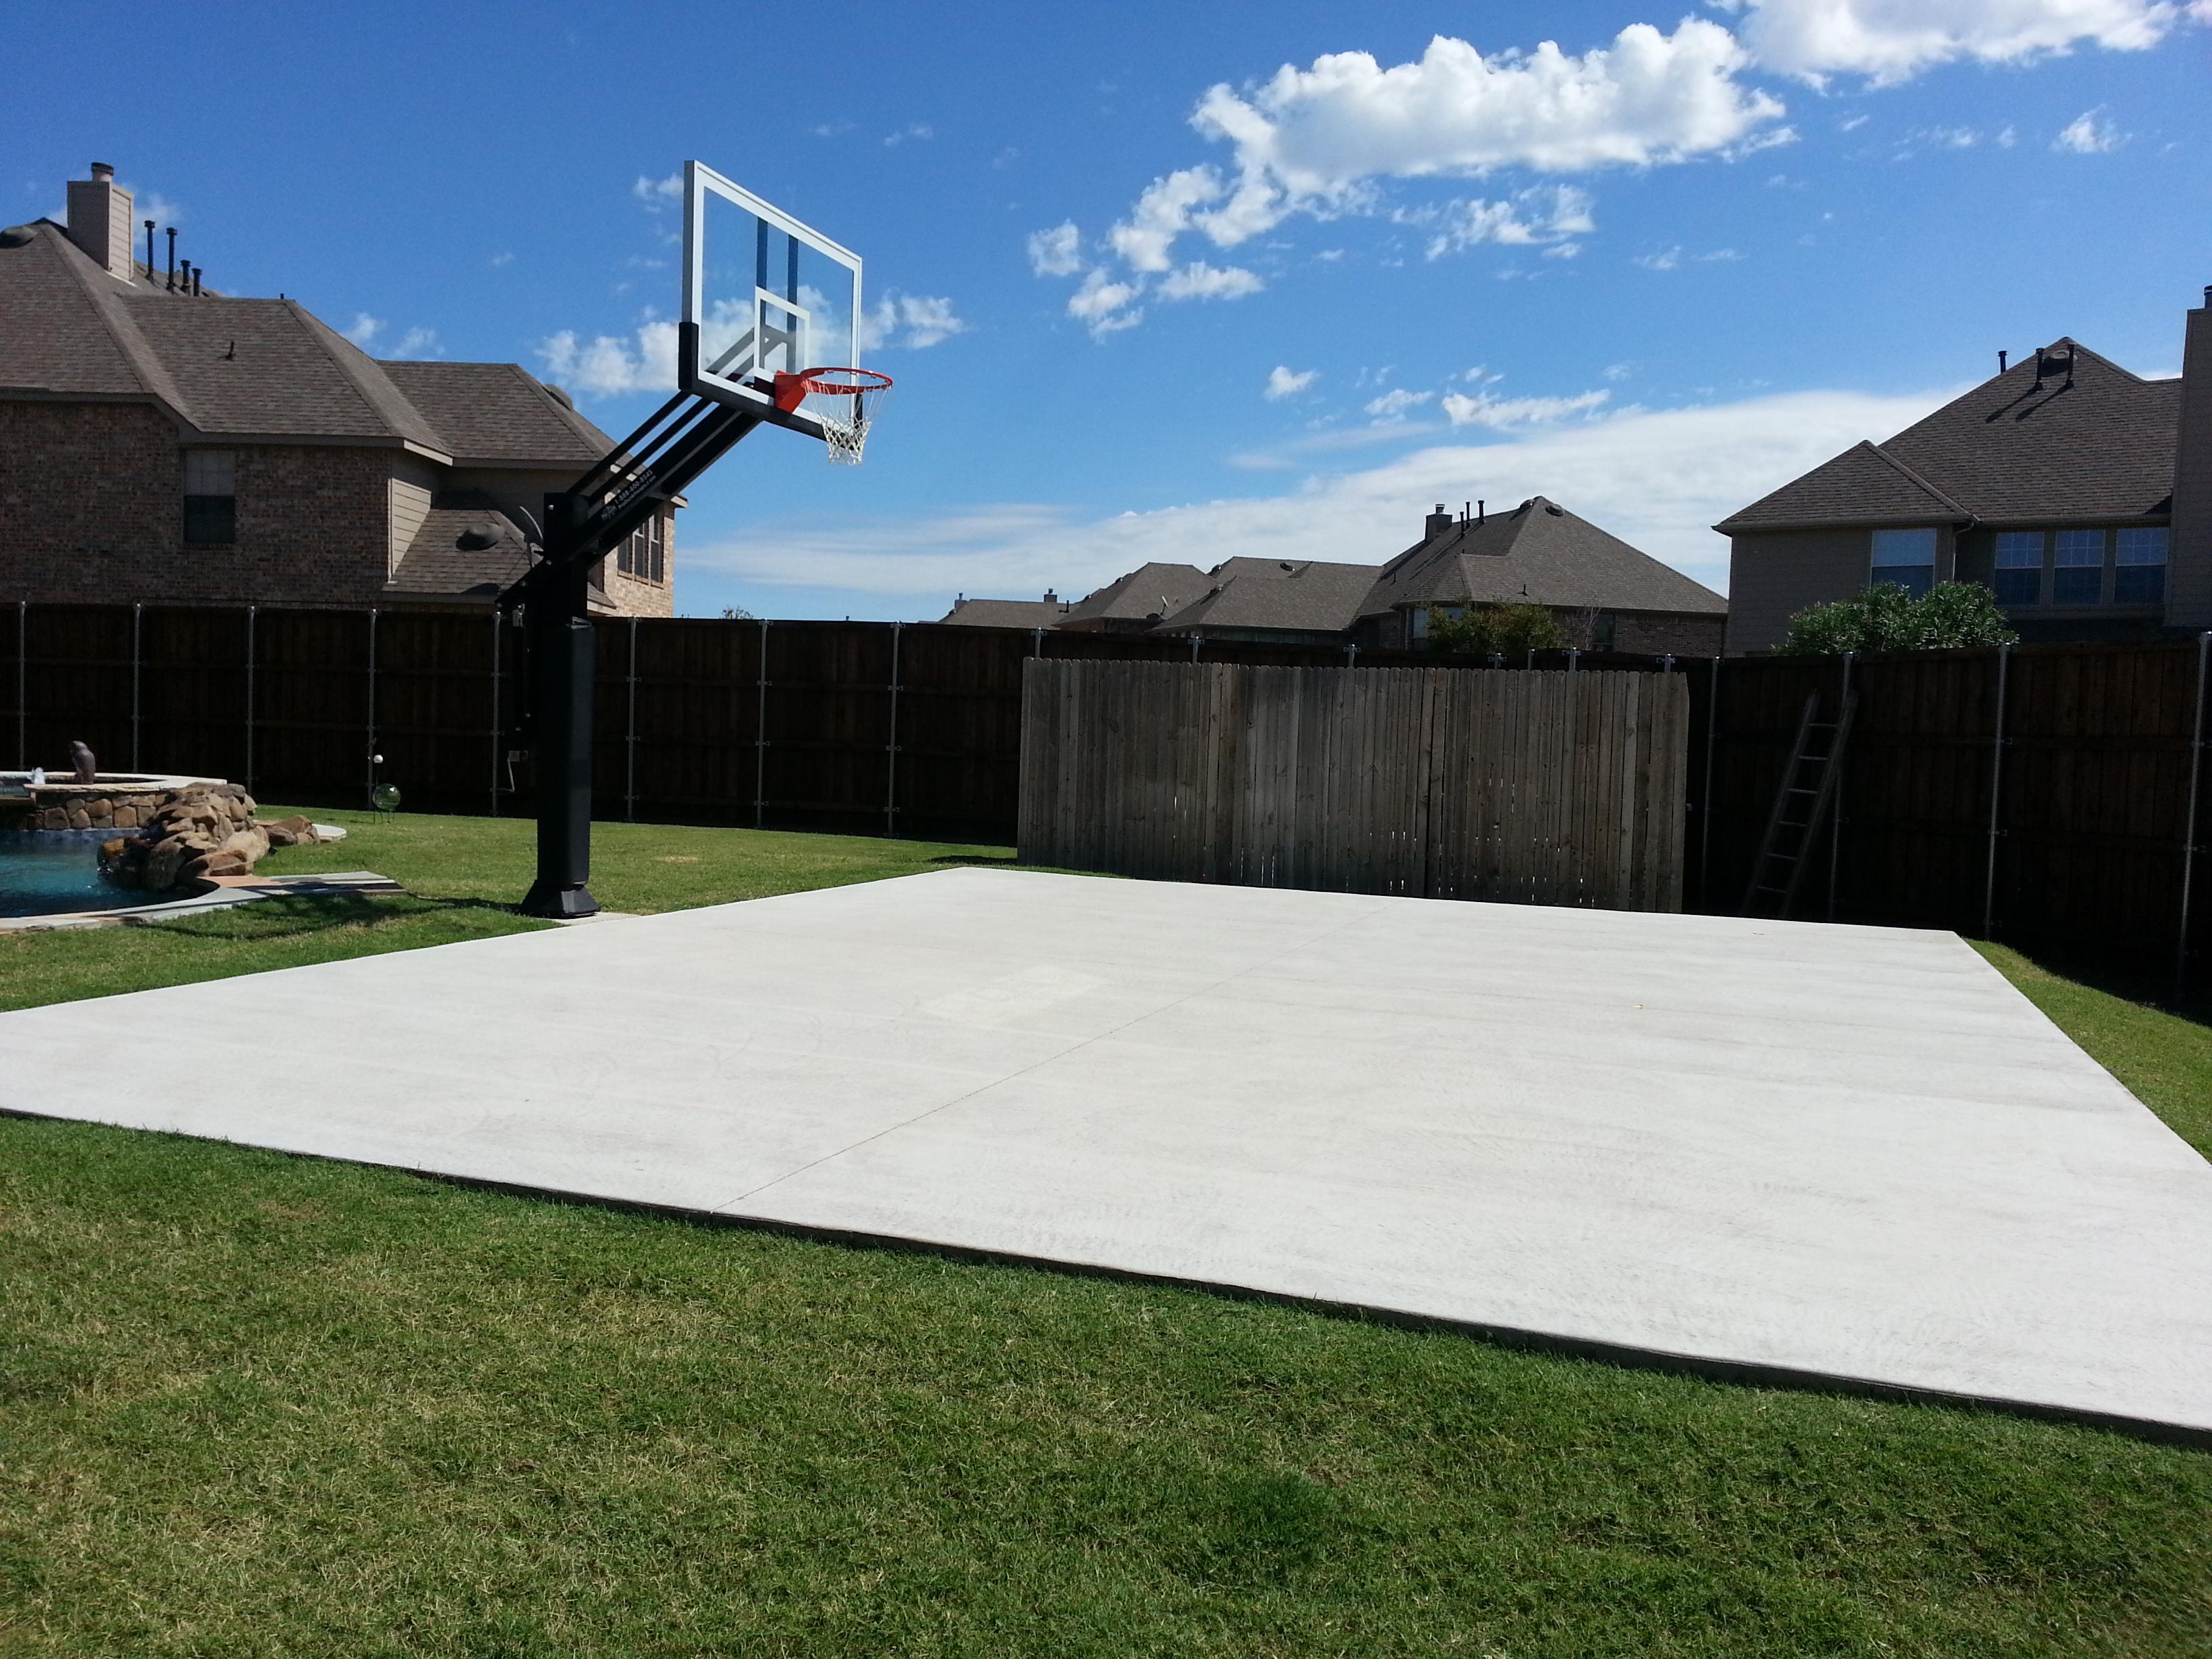 Fullsize Of Backyard Basketball Court